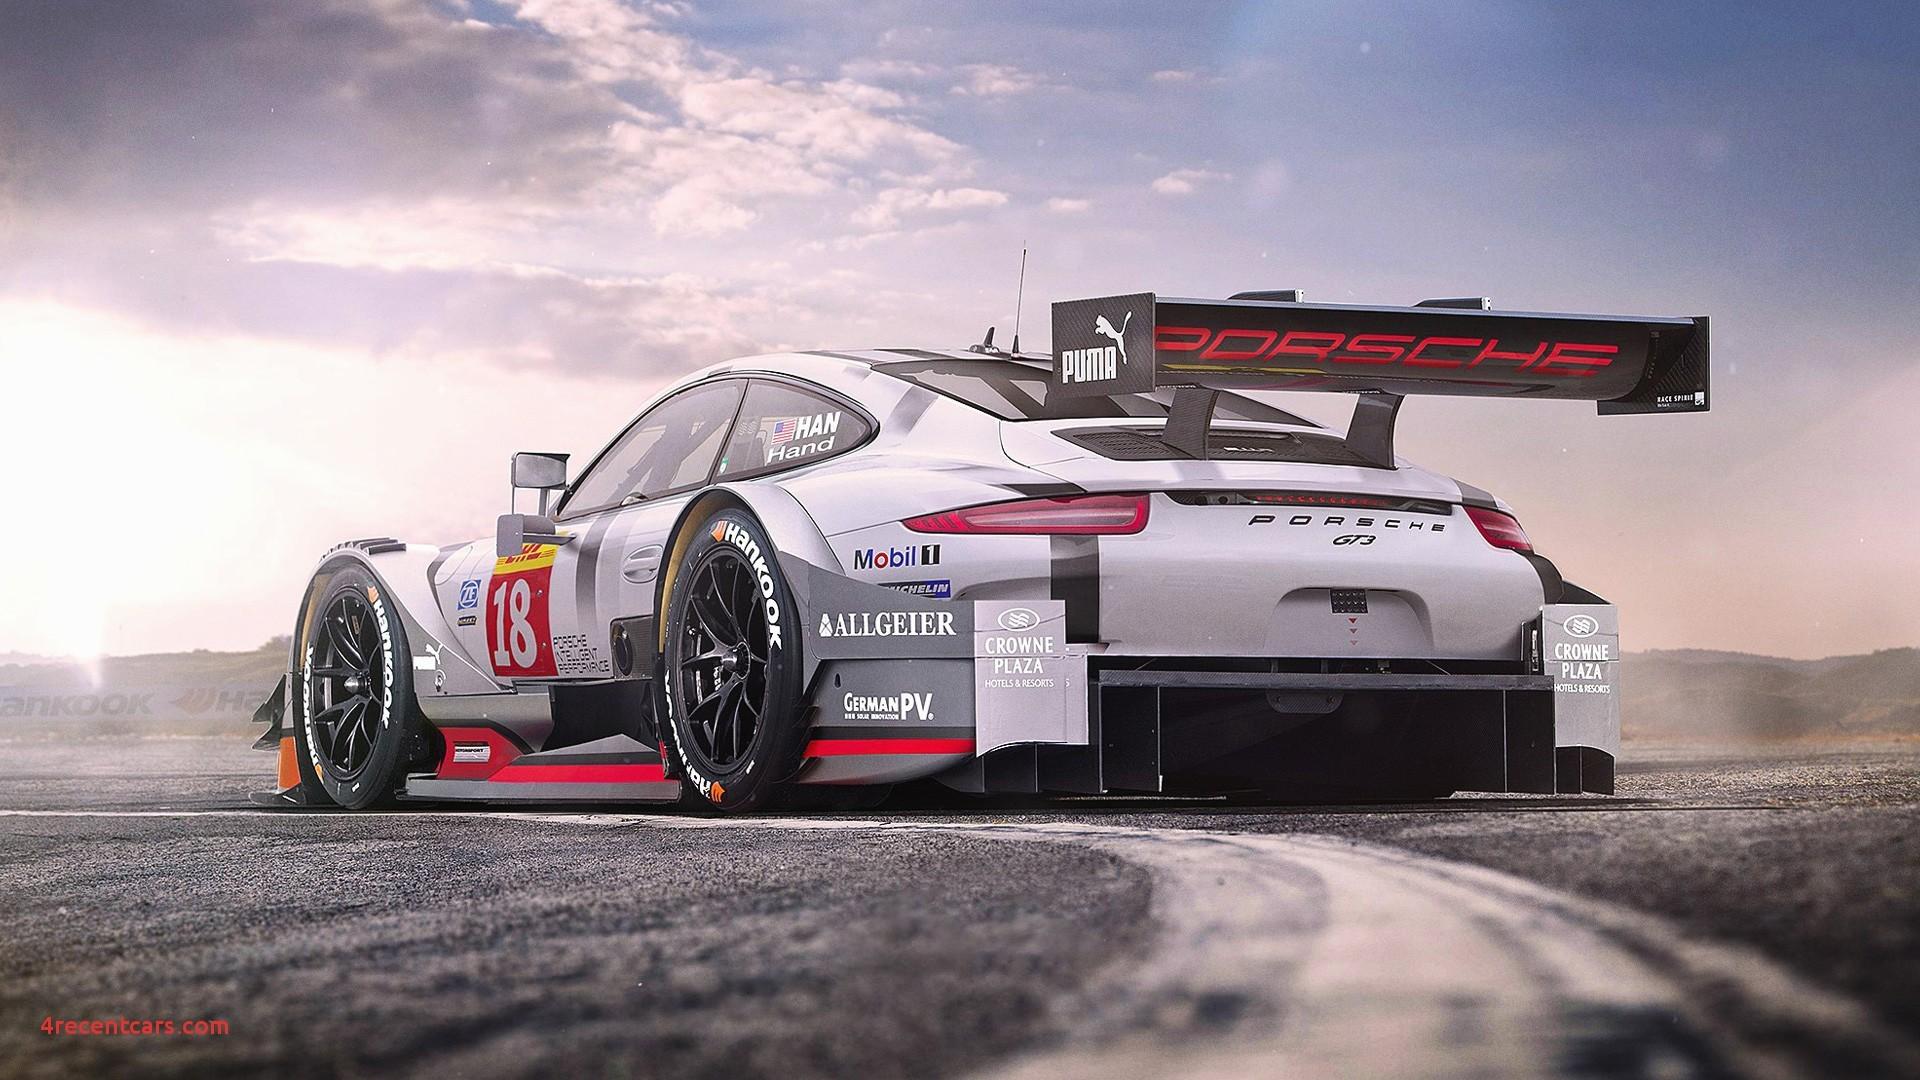 Res: 1920x1080, Drag Car Wallpapers Elegant Porsche 911 Gt3 Race Car Wallpaper Hd Car  Wallpapers